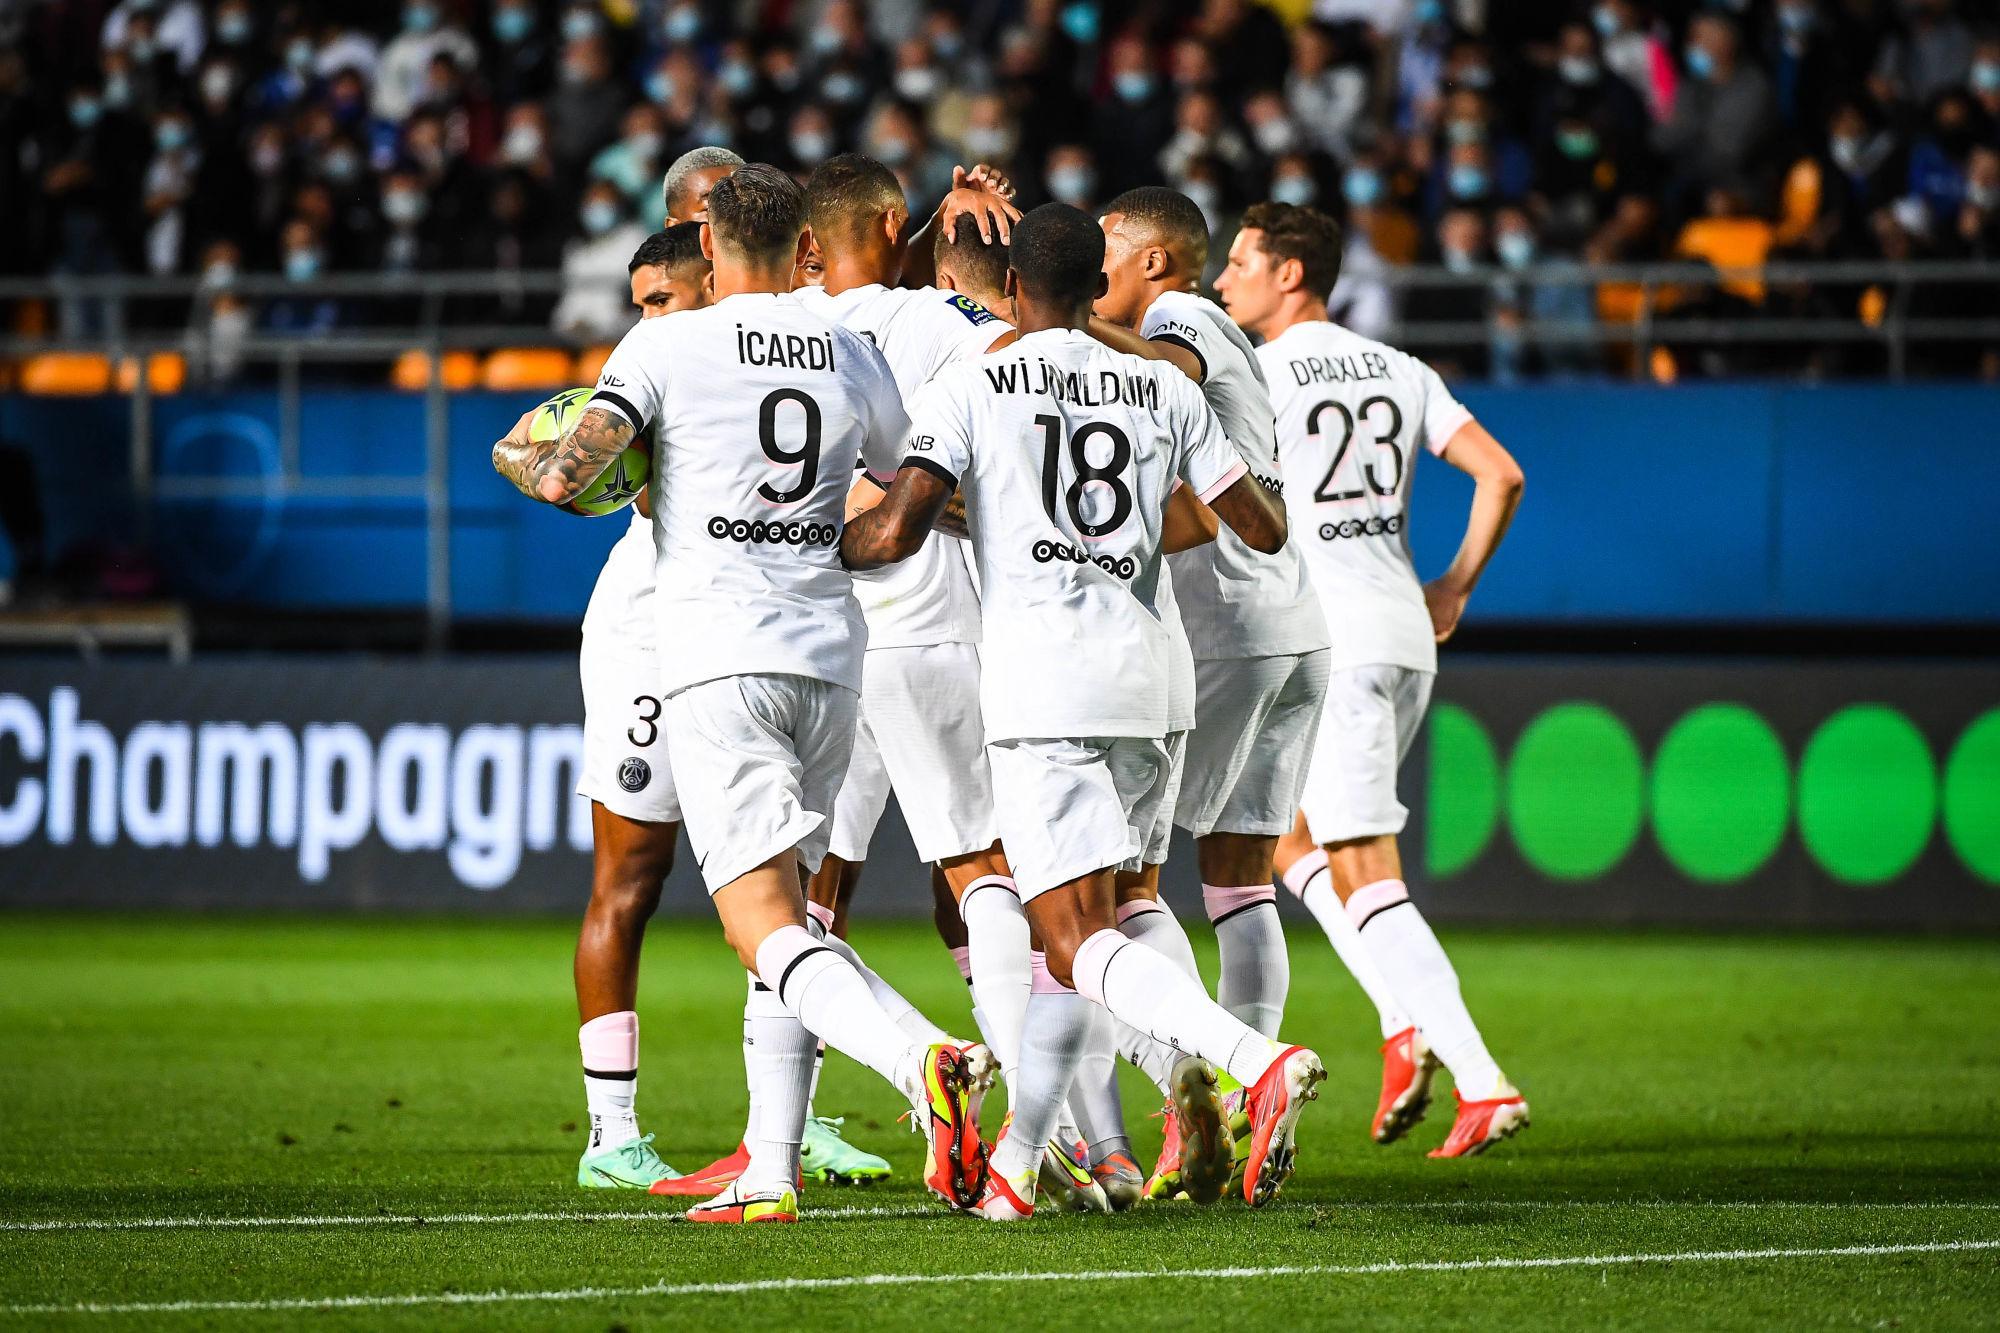 Edito – Troyes/PSG, retour sur la victoire difficile : chiffres, résumé, focus et points clefs